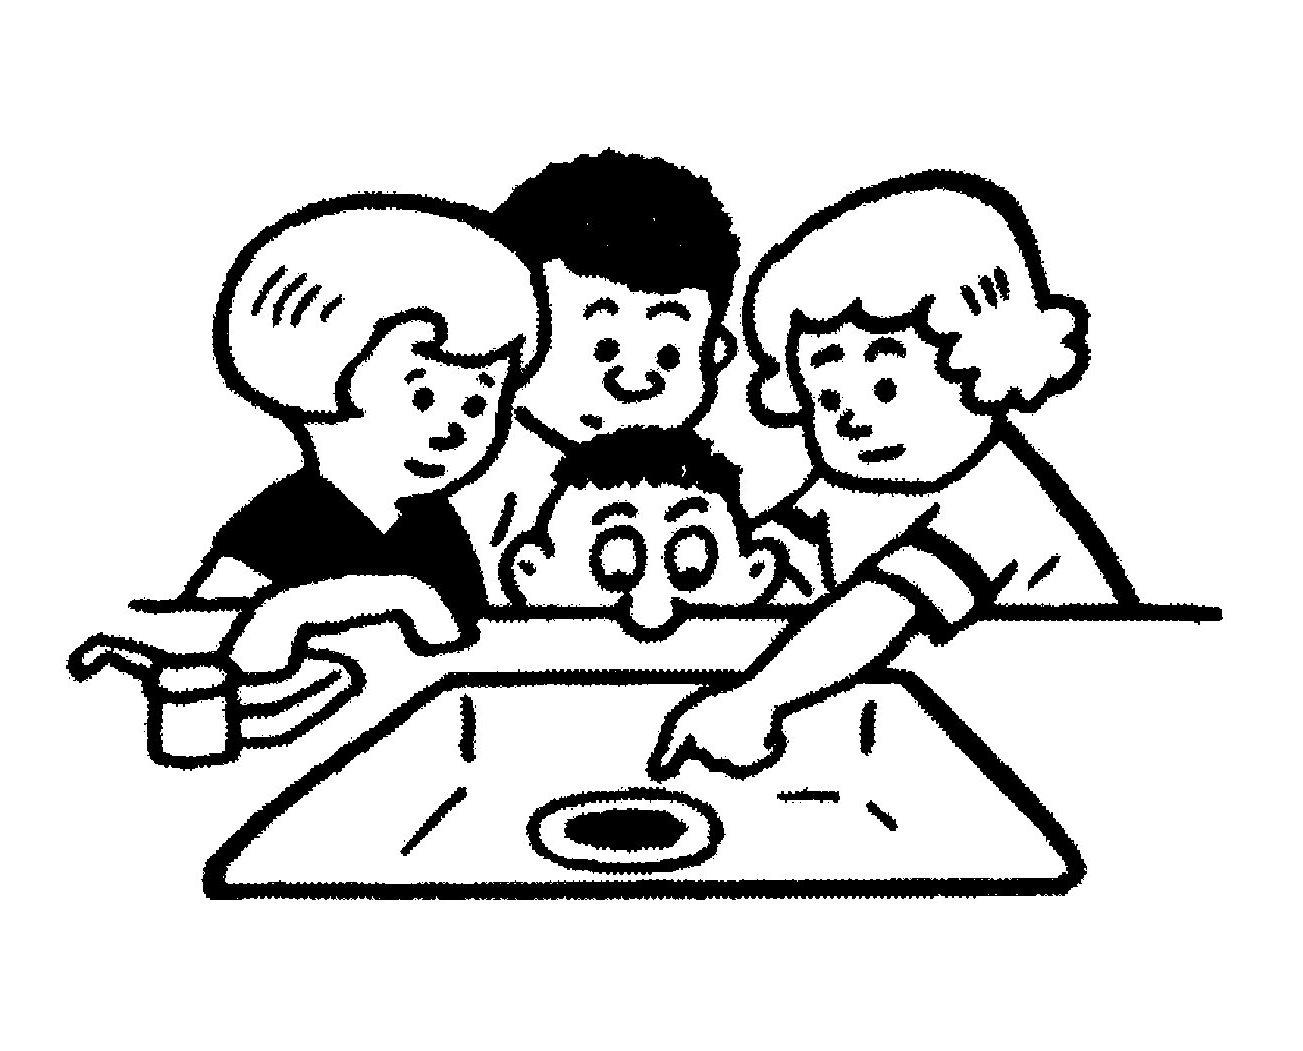 Children kitchen play clipart black and white vector free stock Kitchen Clipart Black And White | Free download best Kitchen Clipart ... vector free stock